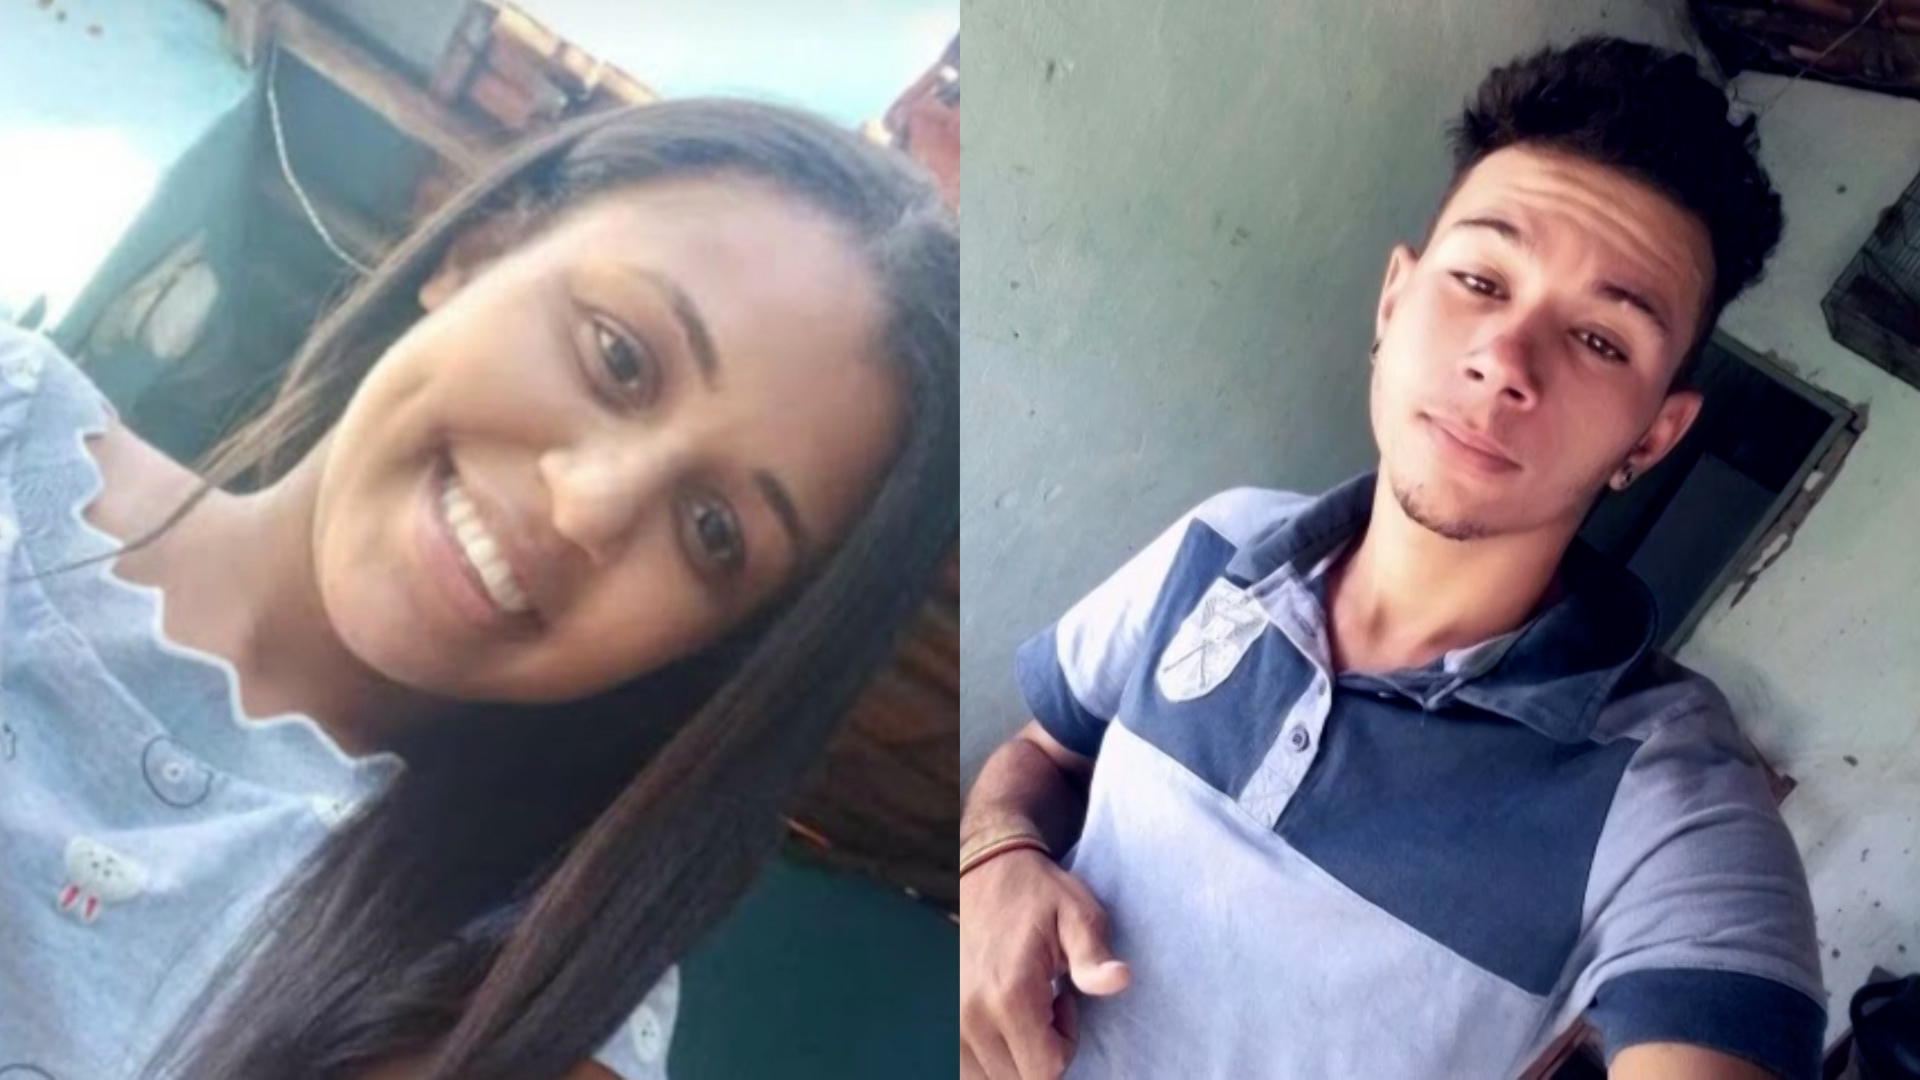 Caso Tauane: Jovem foi assassinada após se separar do companheiro